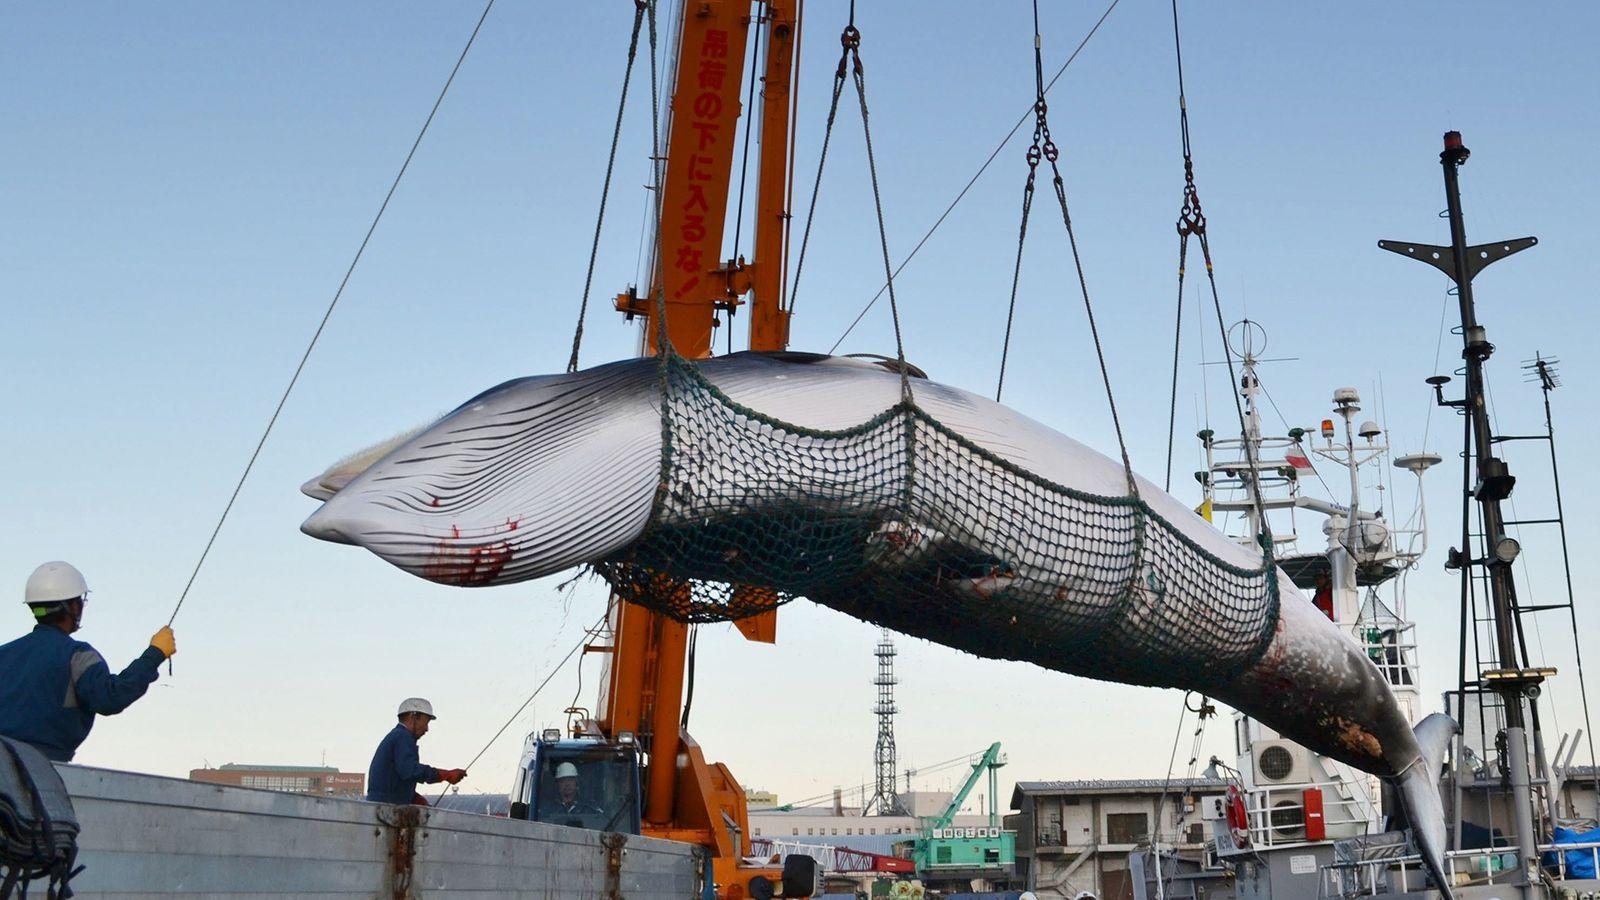 Les baleines de Minke, comme celle ci-dessus déchargée dans un port japonais, ont été ciblées par ...